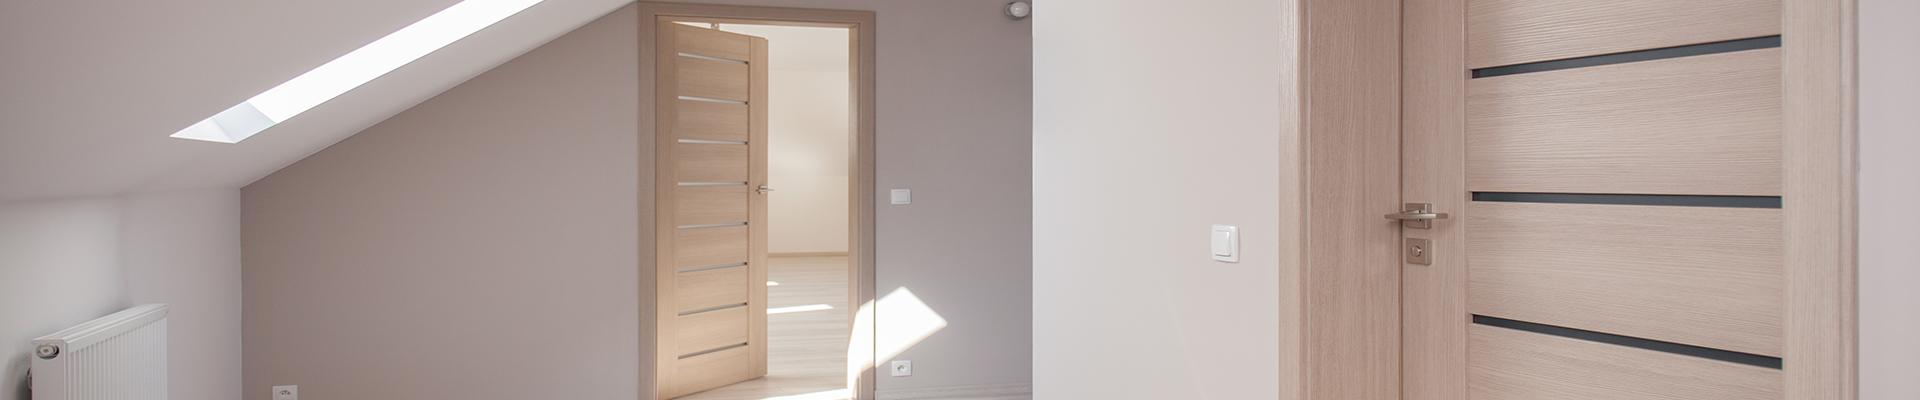 Türen-Montage